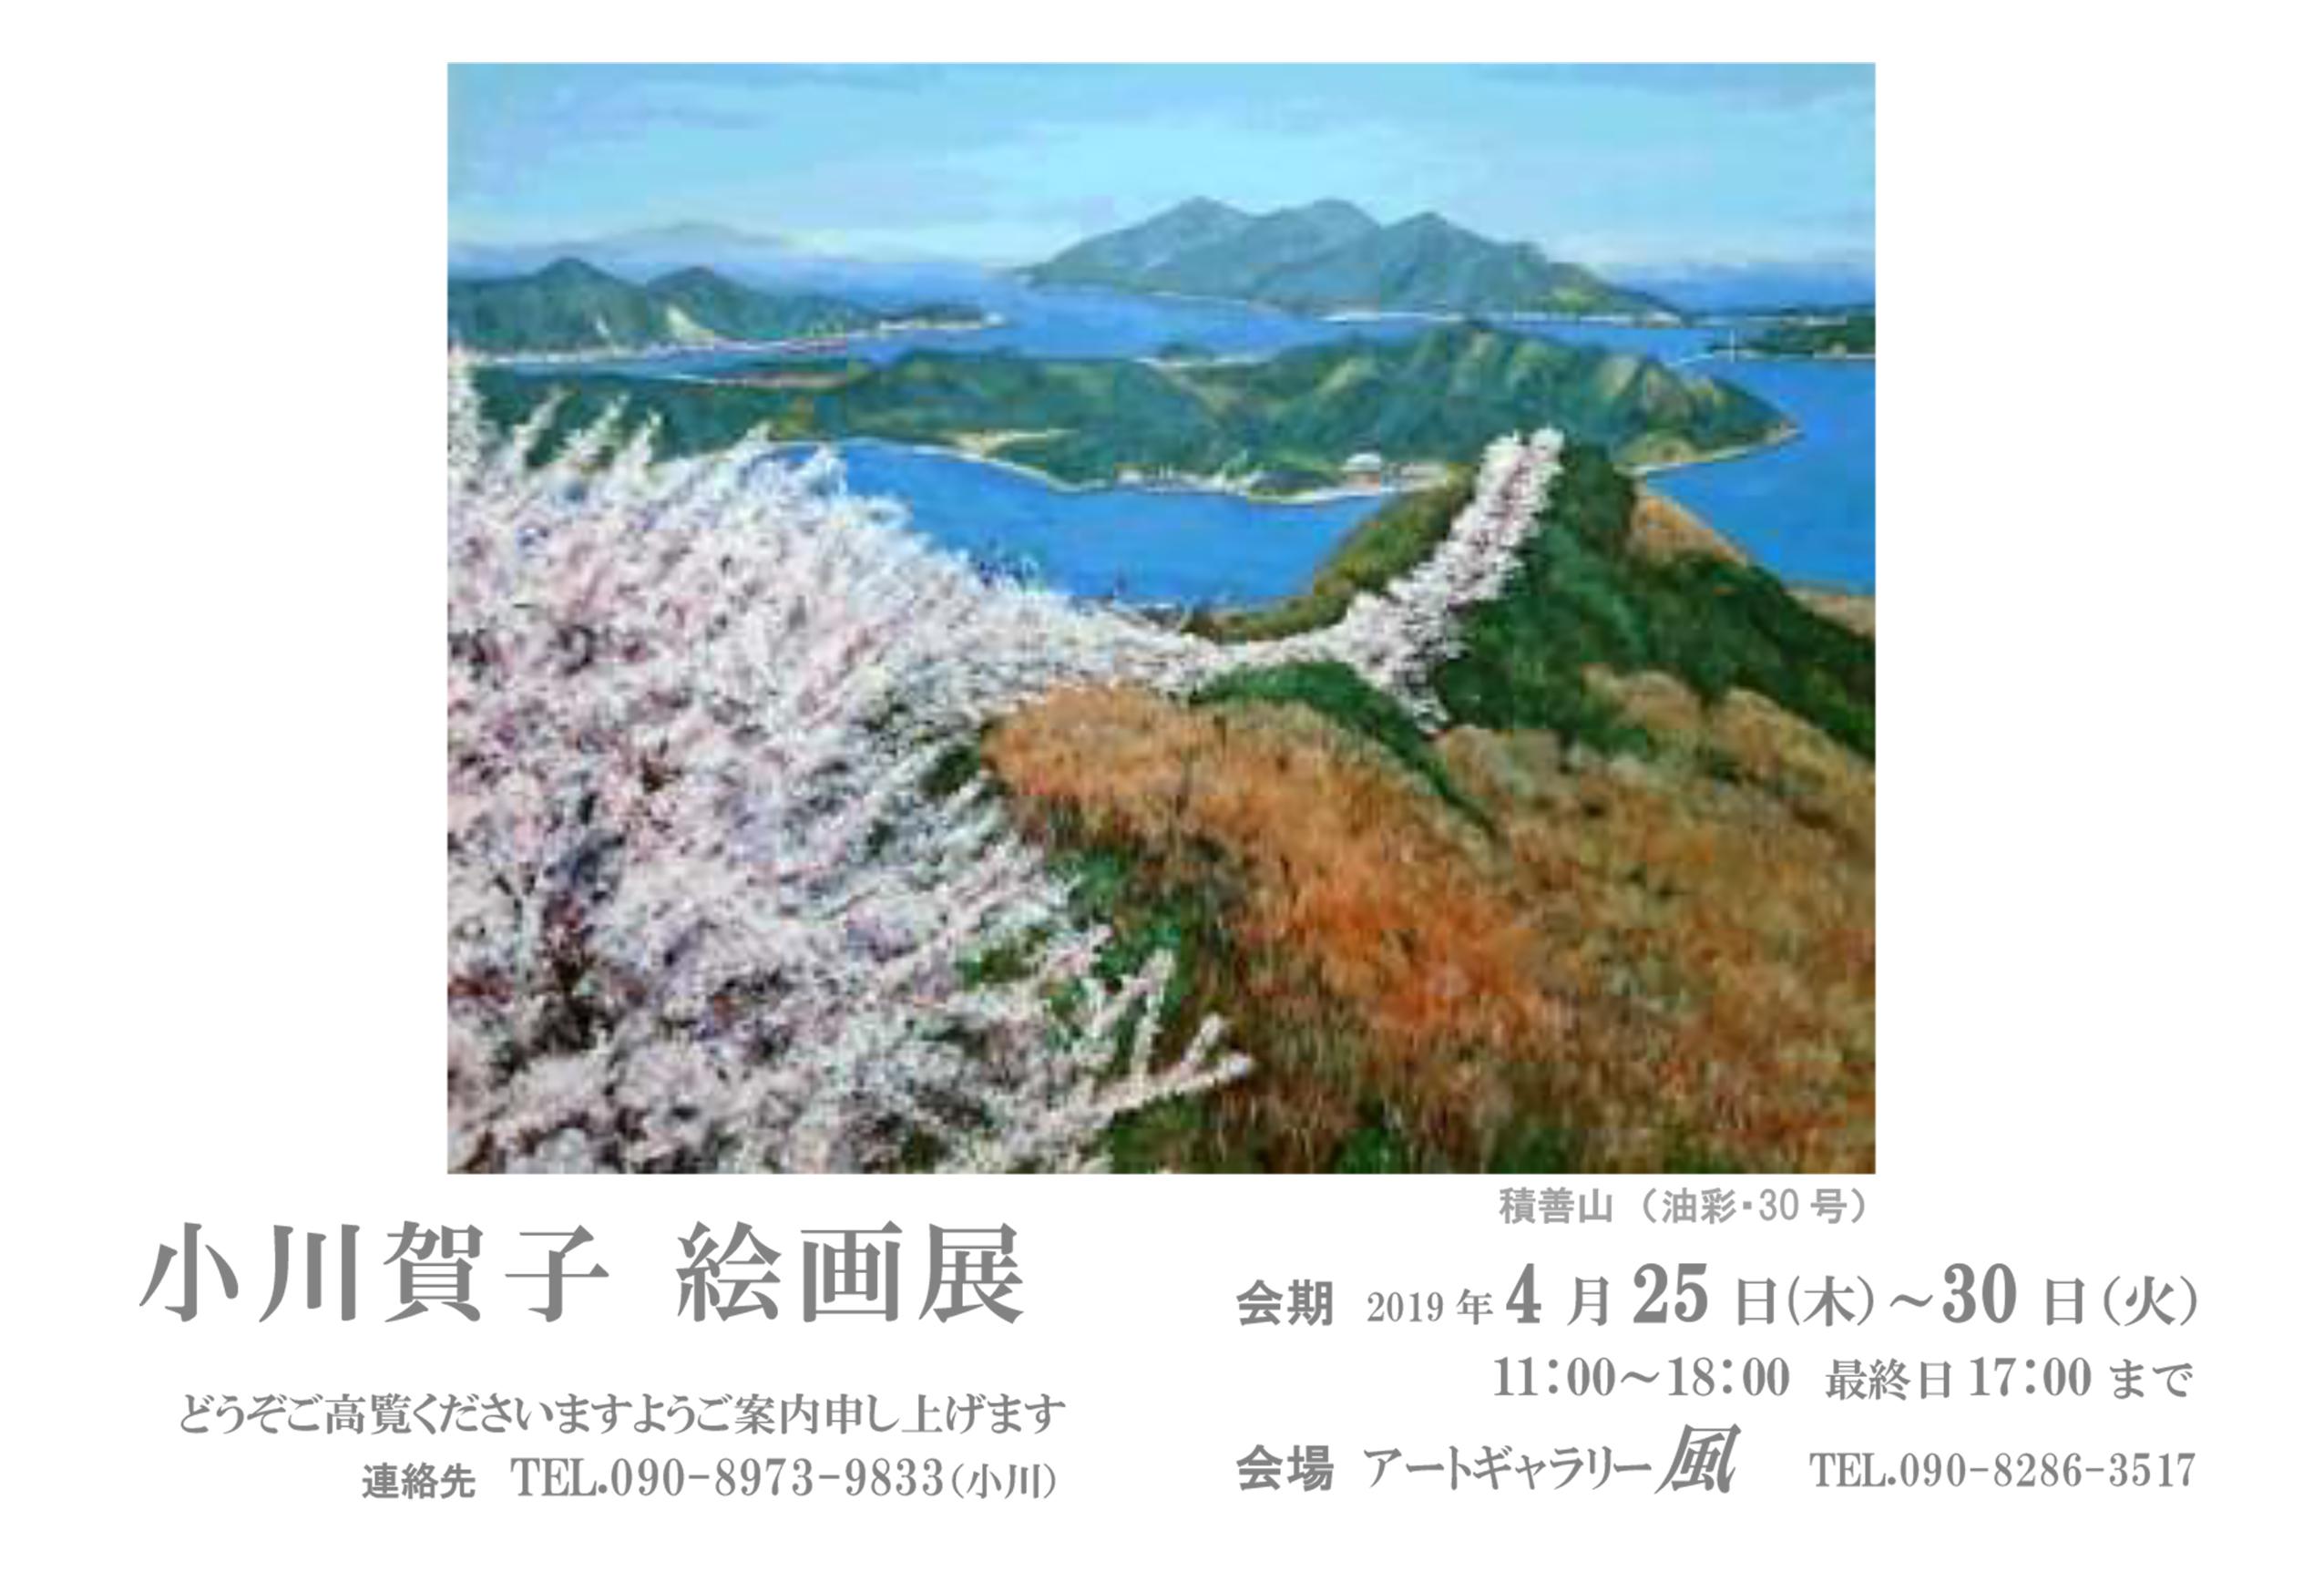 小川賀子 絵画展